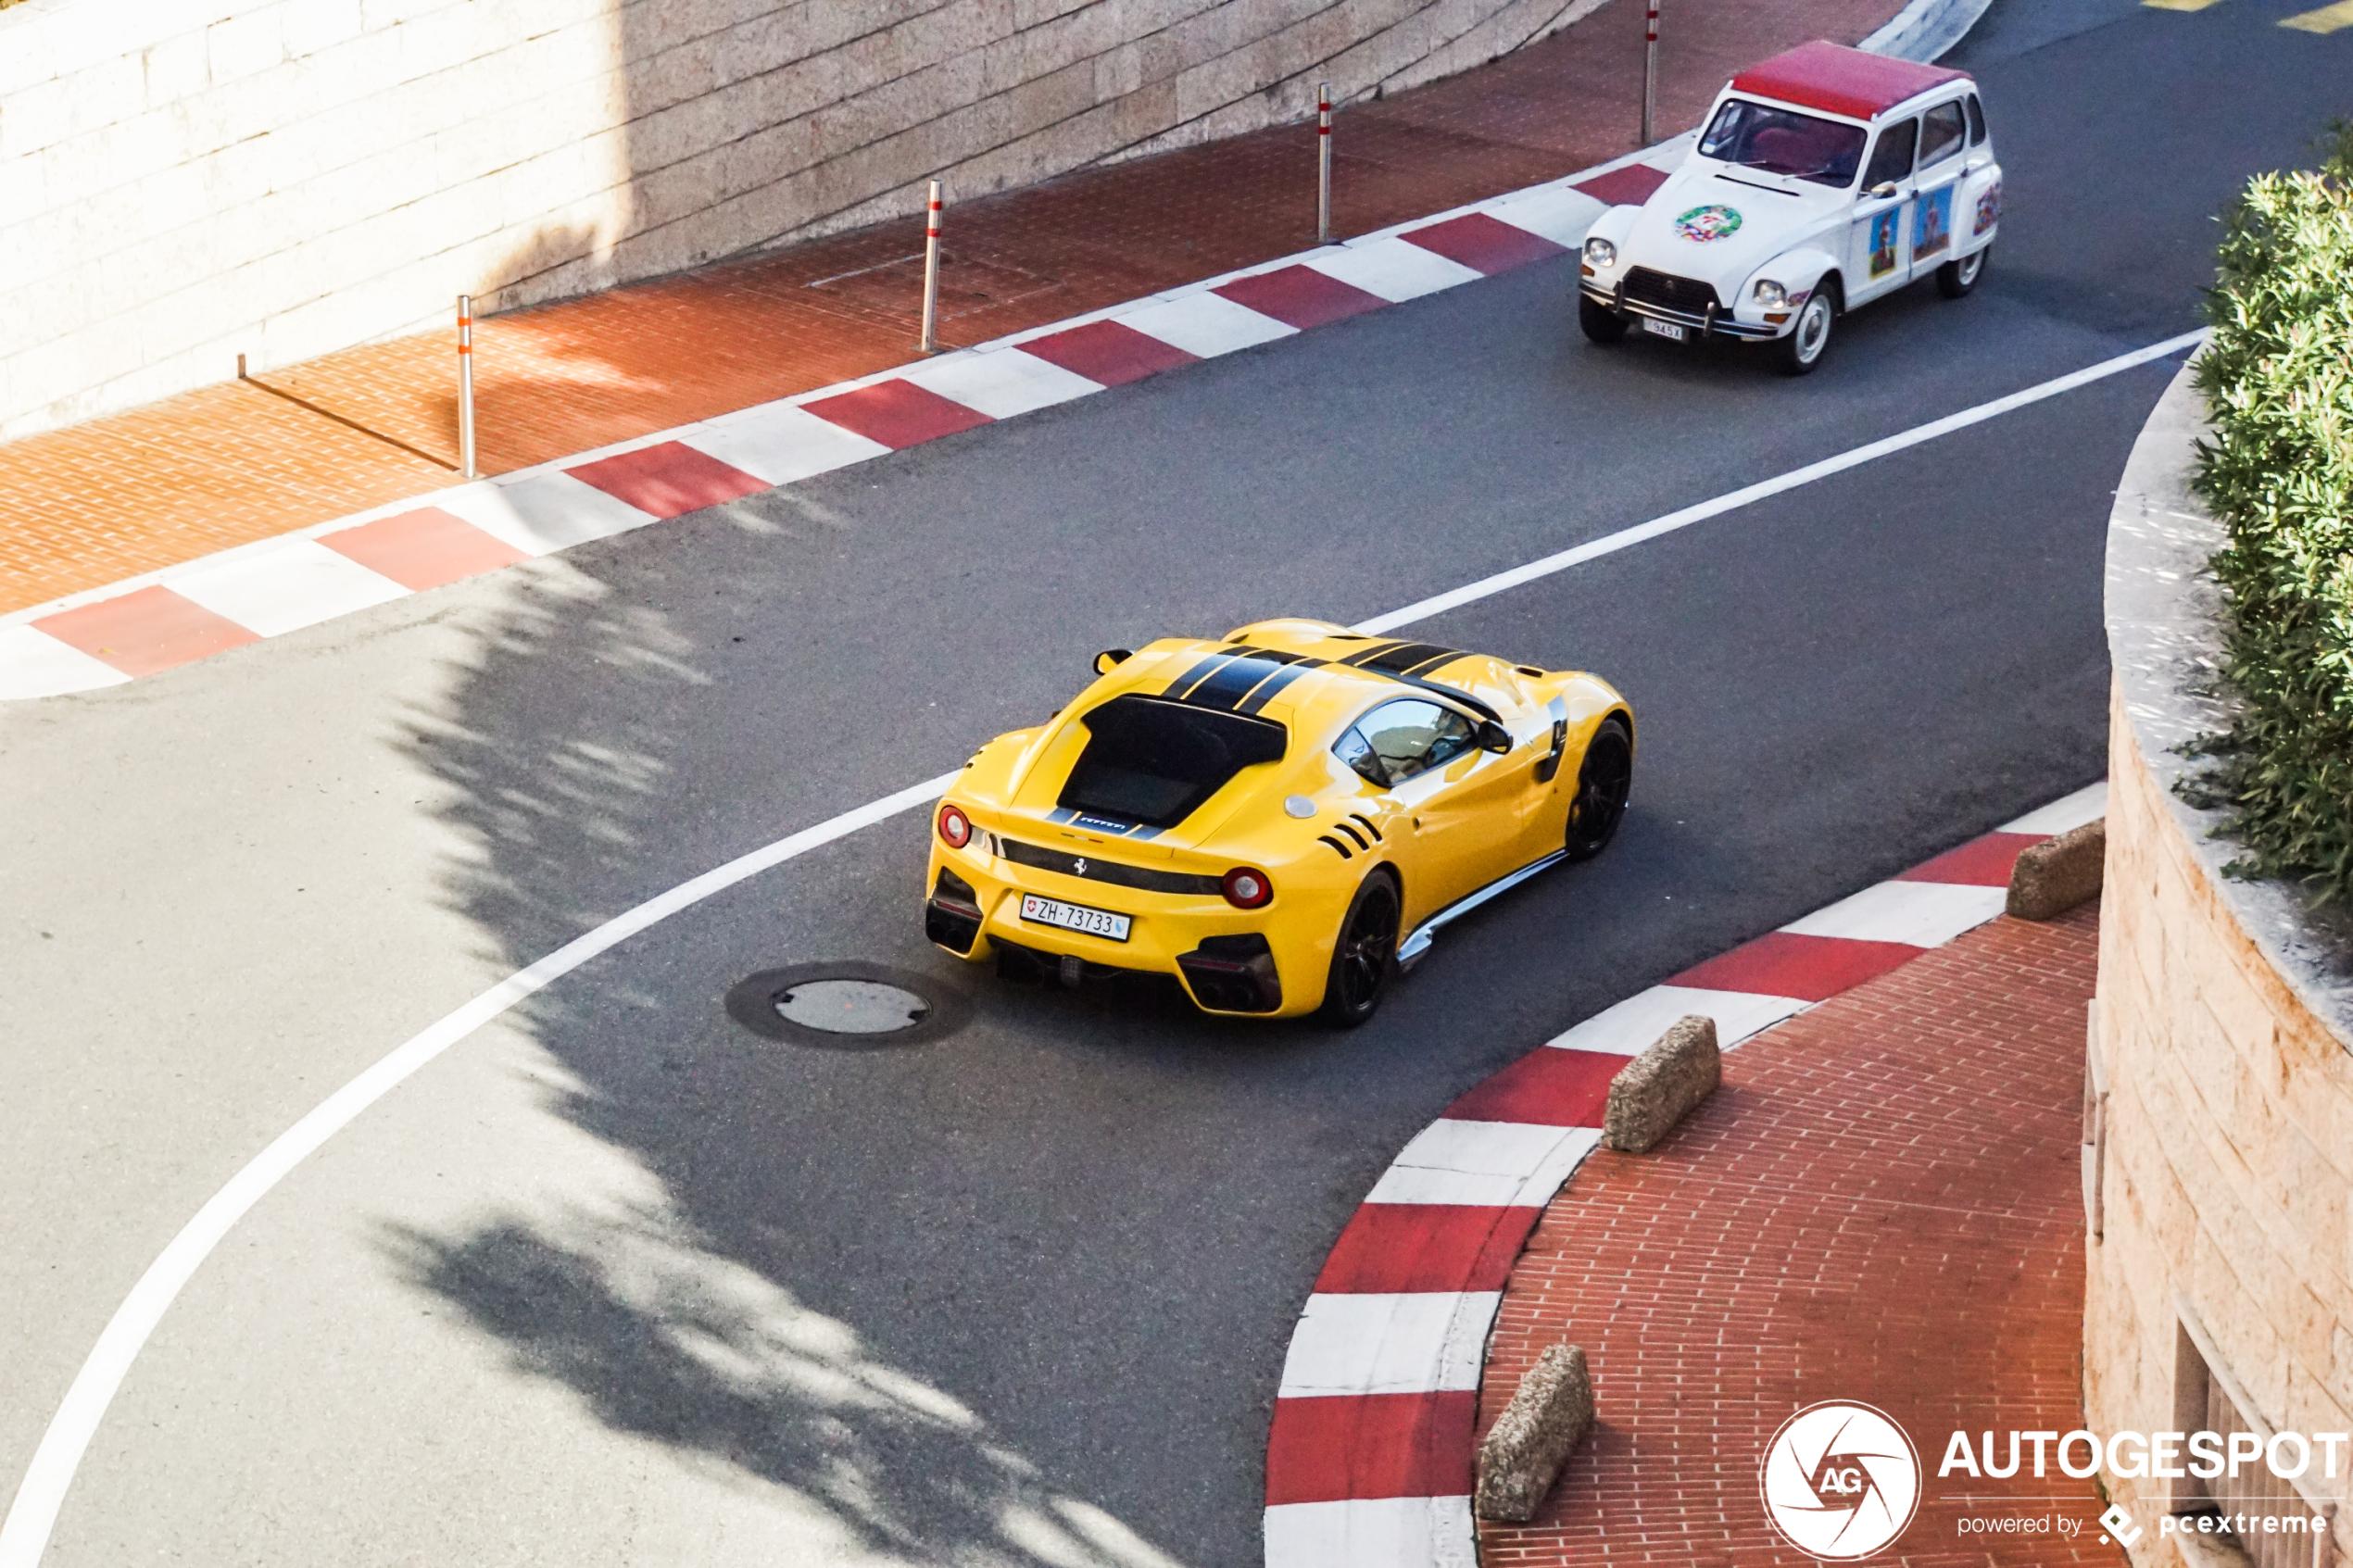 Ferrari F12tdf ontdekt het Formule 1 circuit in Monaco